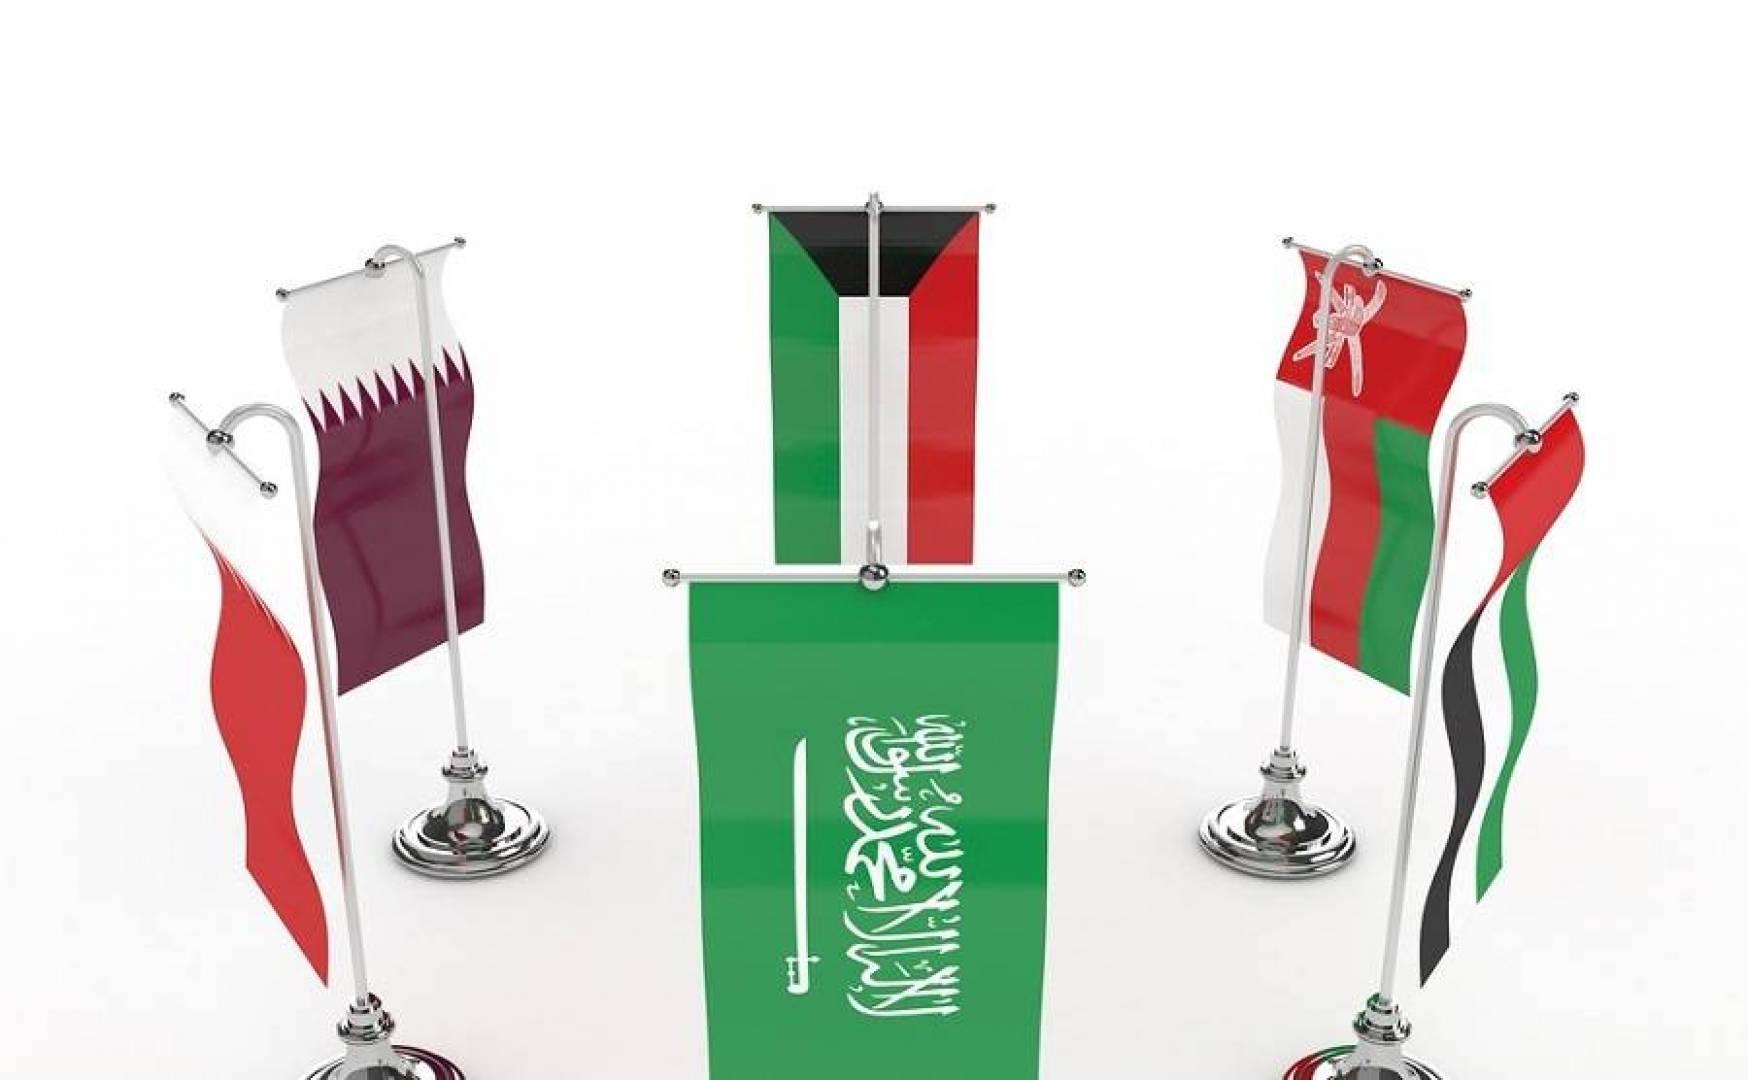 وكالة الأنباء الألمانية: القمة الخليجية المقبلة ستعقد في الرياض